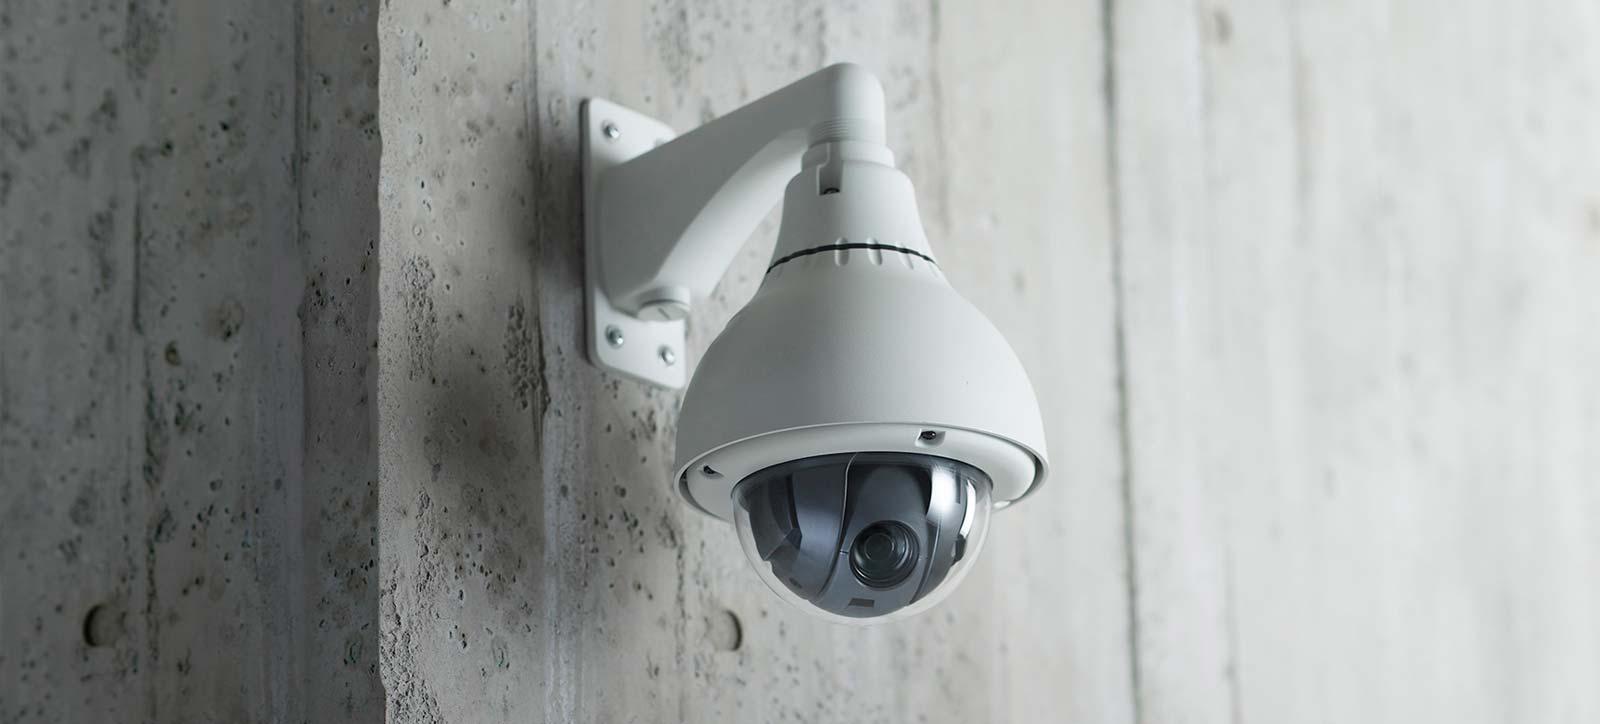 Segurança - Circuito fechado ou circuito interno de televisão [também conhecido pela sigla CFTV do ingles: CLOSED-CIRCUIT TELEVISION, CCTV]. É um sistema de televisão que distribui sinais provenientes de cameras localizadas em locais estratégicos, para um ou mais pontos de visualização.